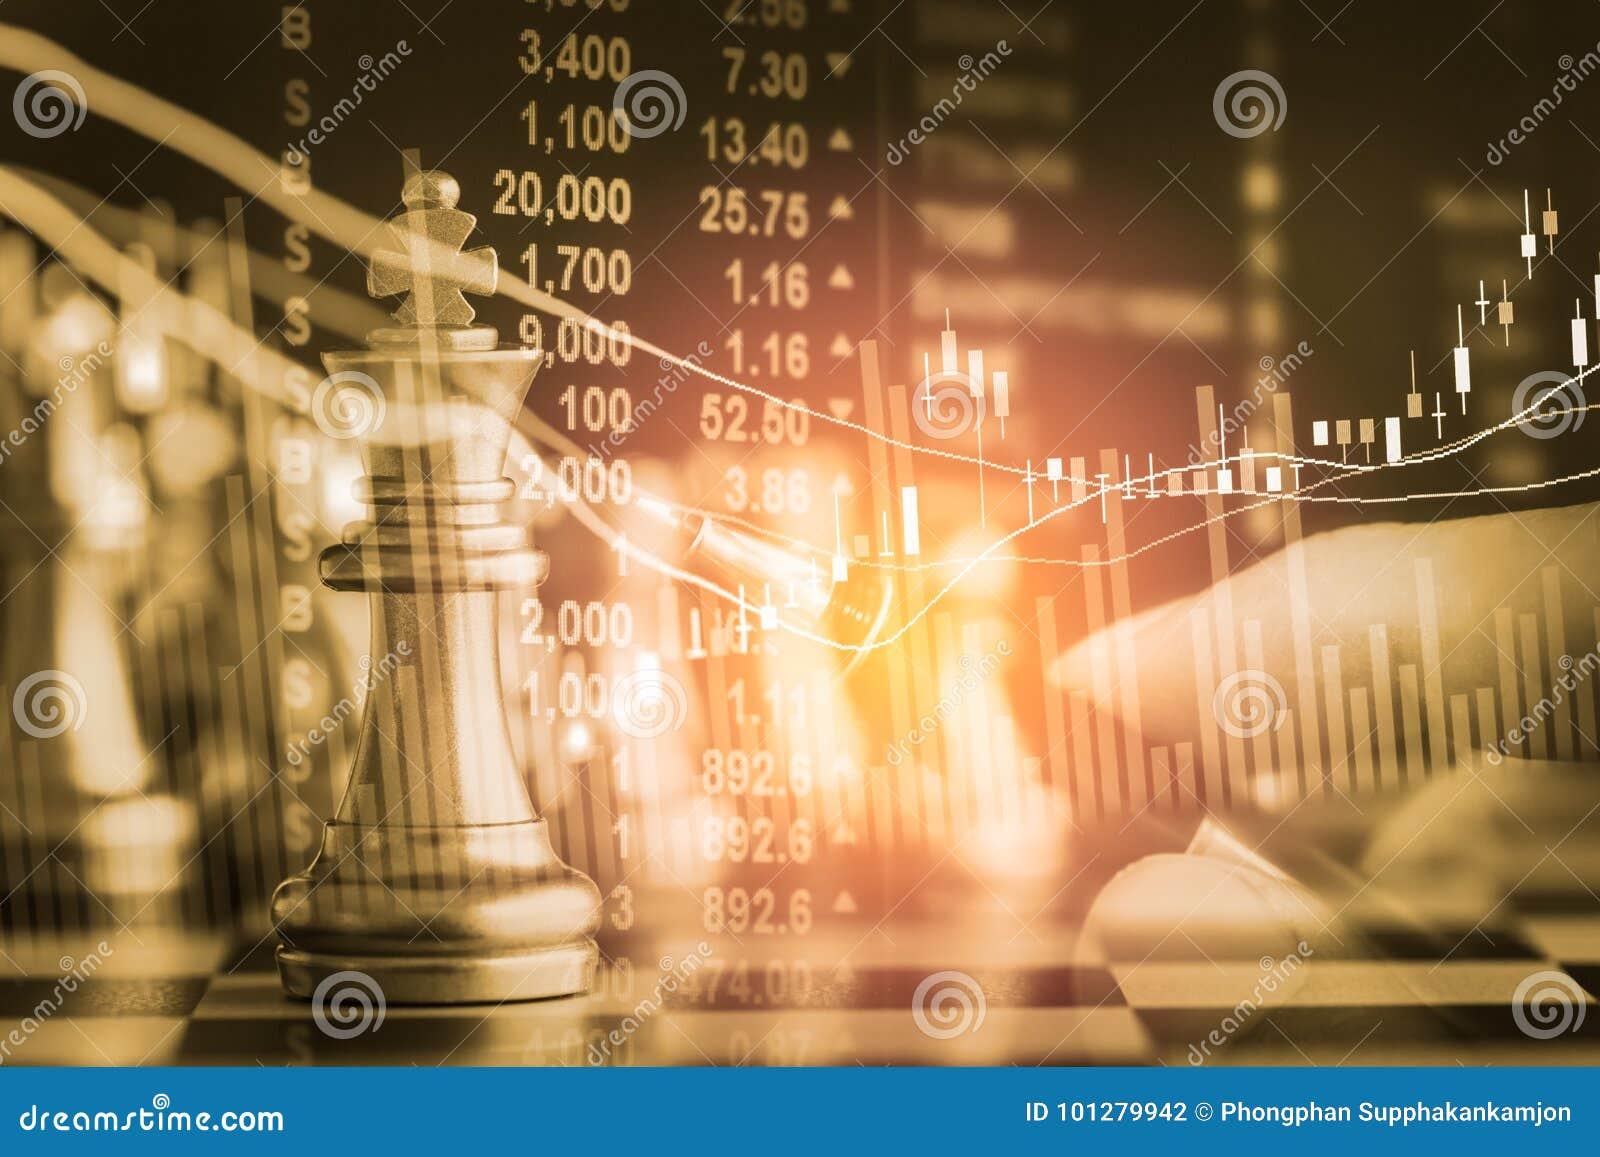 Как играть в игру фондовая биржа онлайн игры с заработком реальных денег без вложений